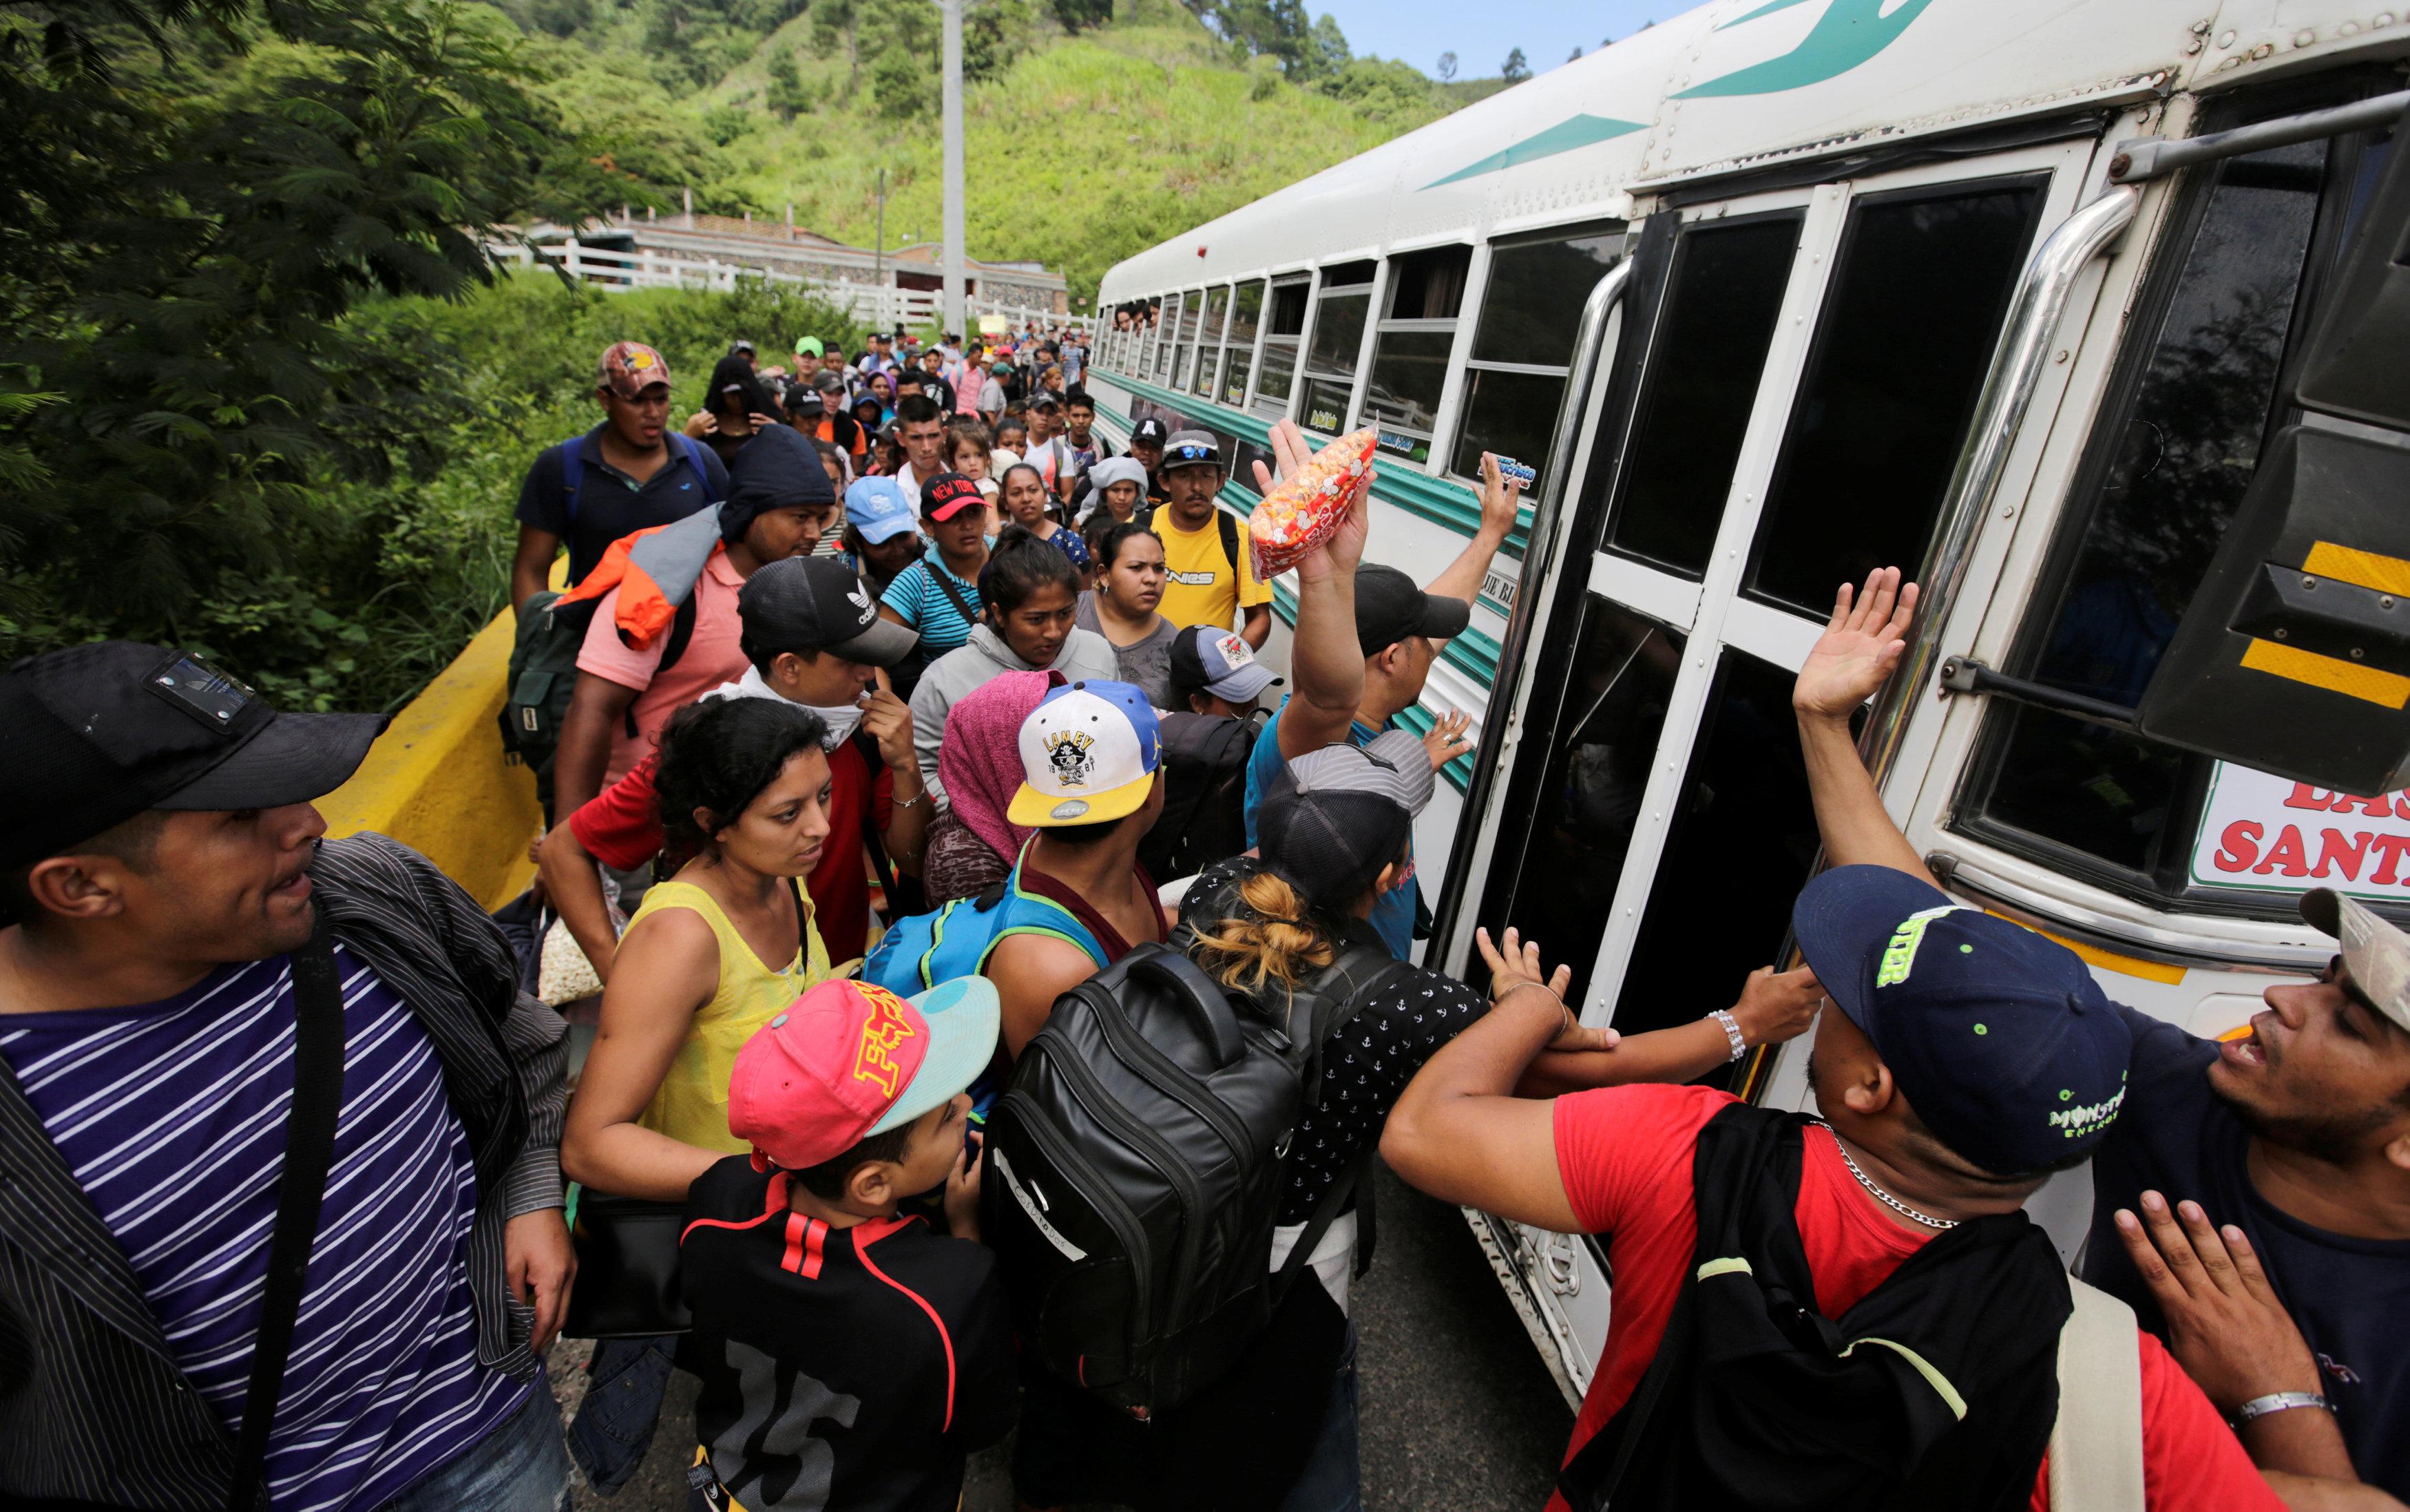 La caravana de mil hondureños que desafía la política migratoria de Trump